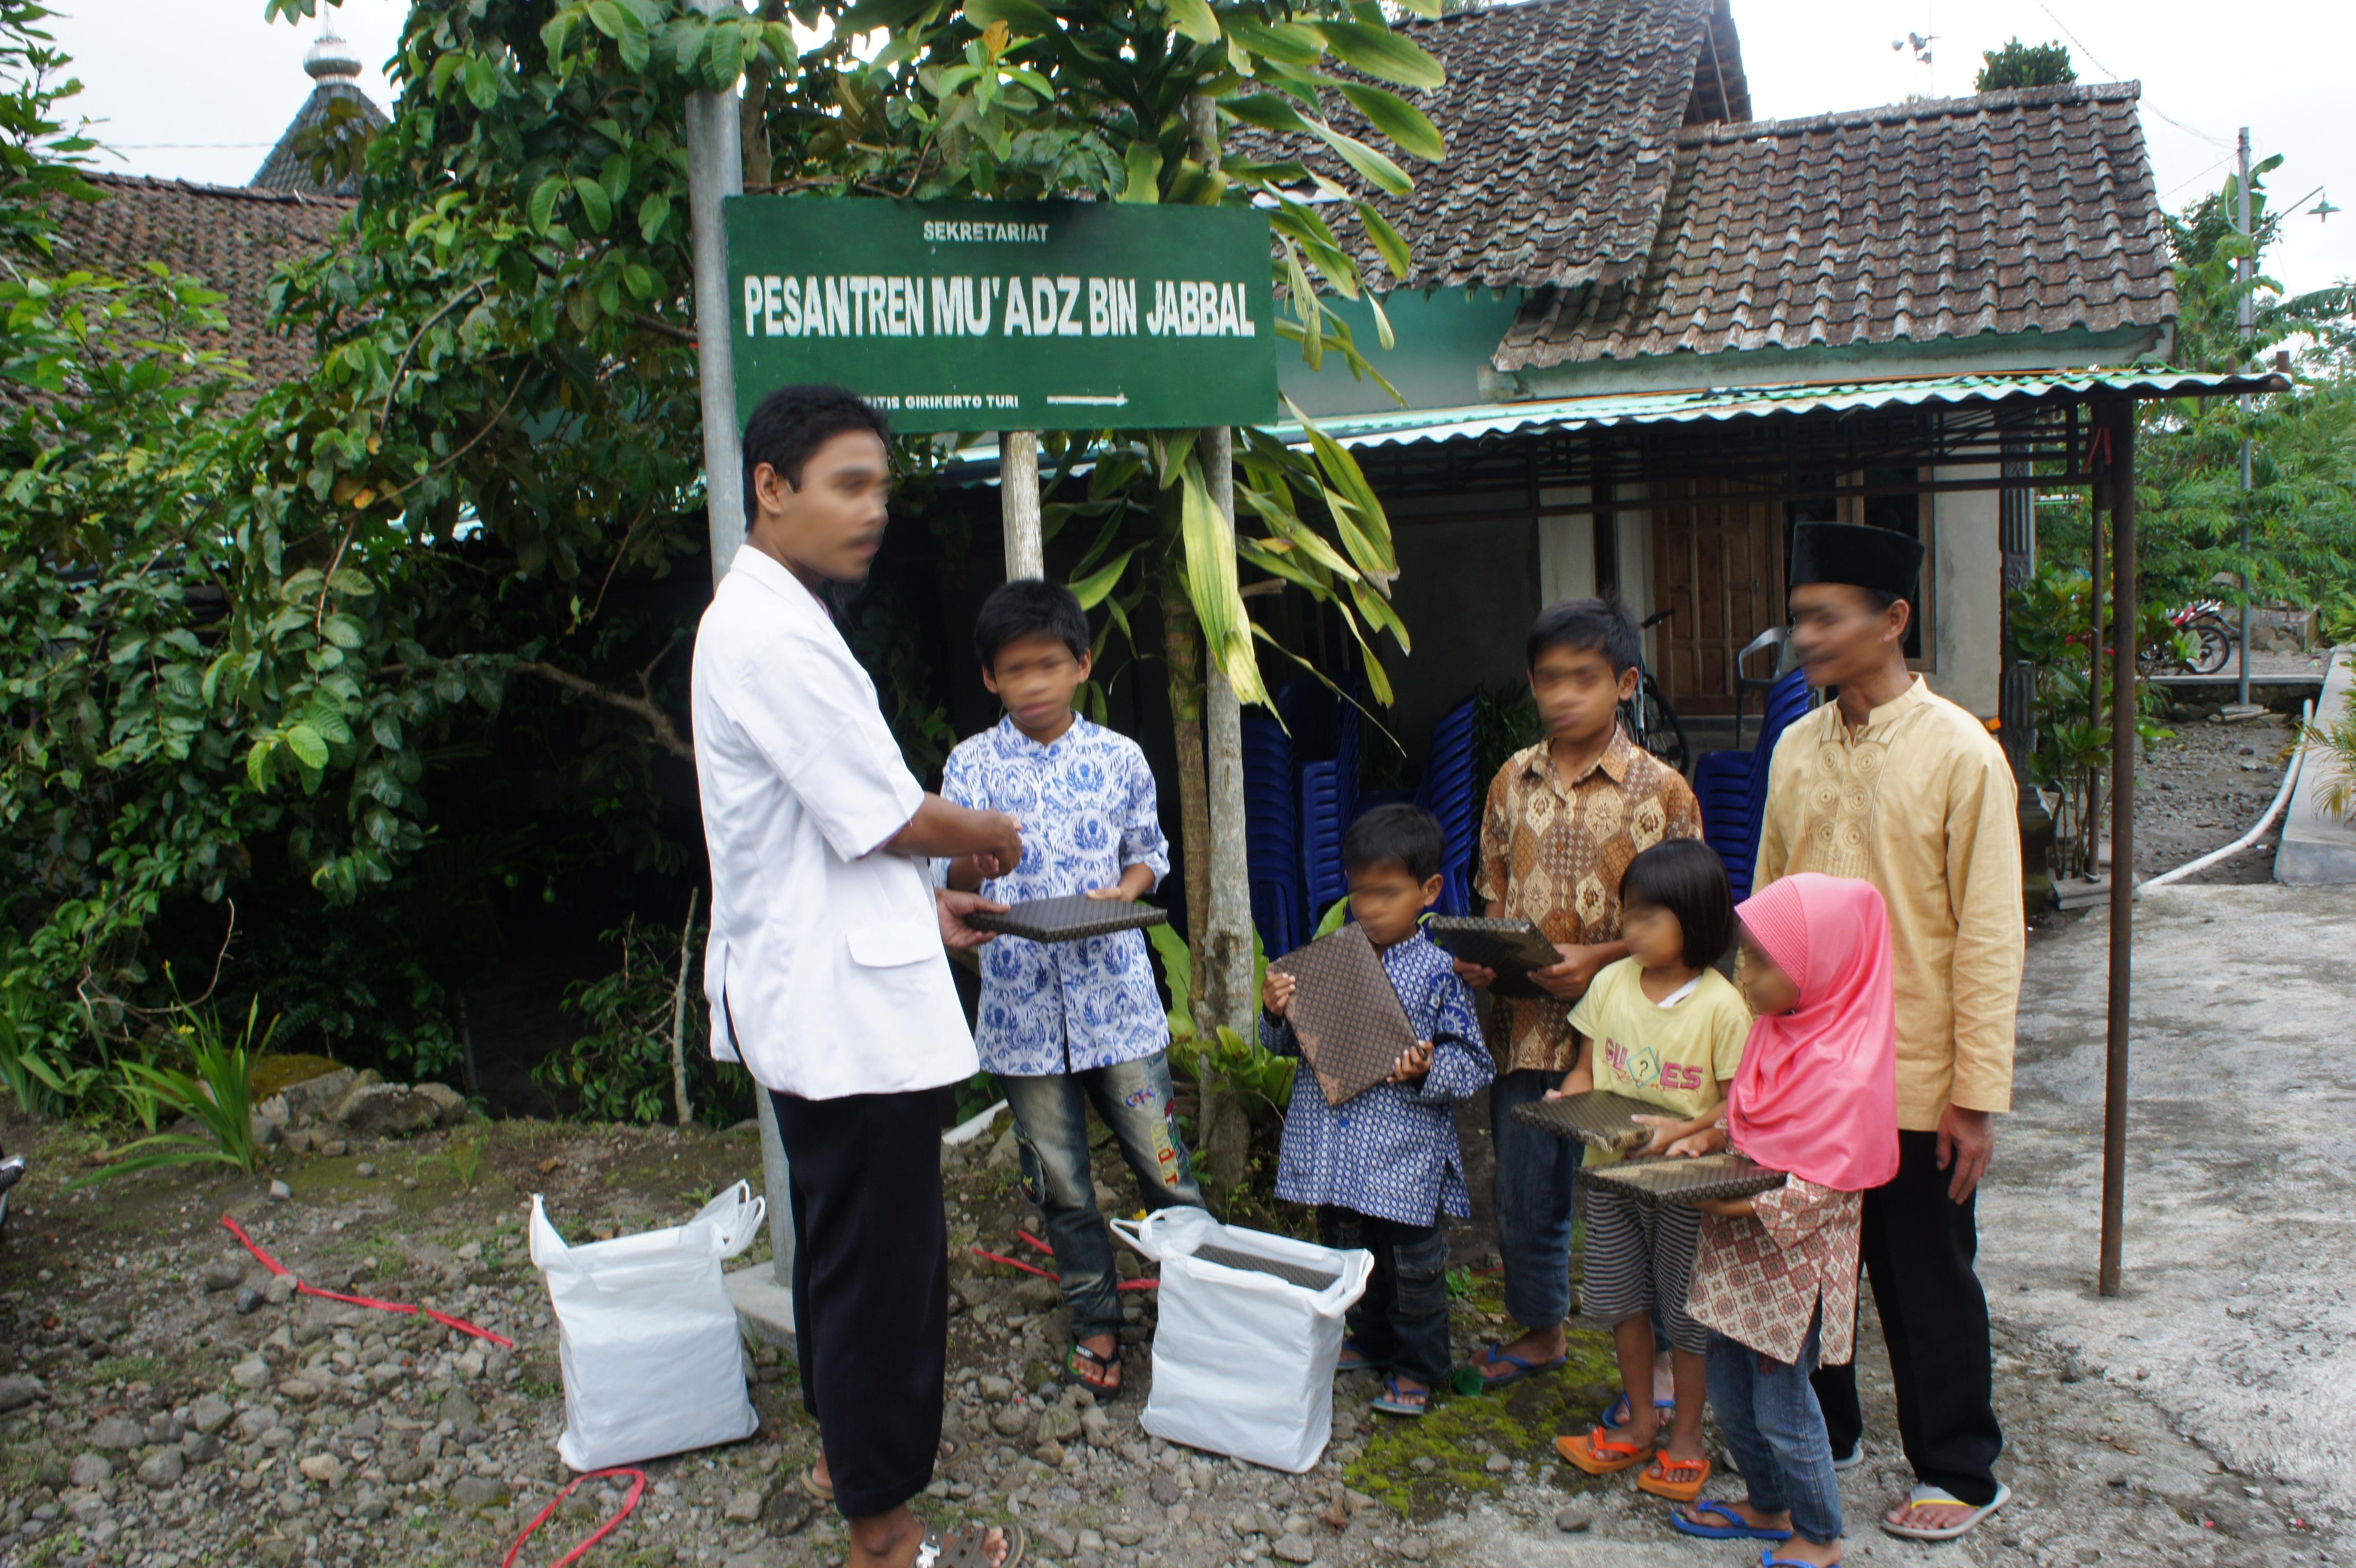 Penyerahan hadiah kepada 26 anak yatim selepas acara Layanan Kesehatan Gratis usai. Penyerahan dilakukan oleh dr. Adika Mianoki (baju putih).